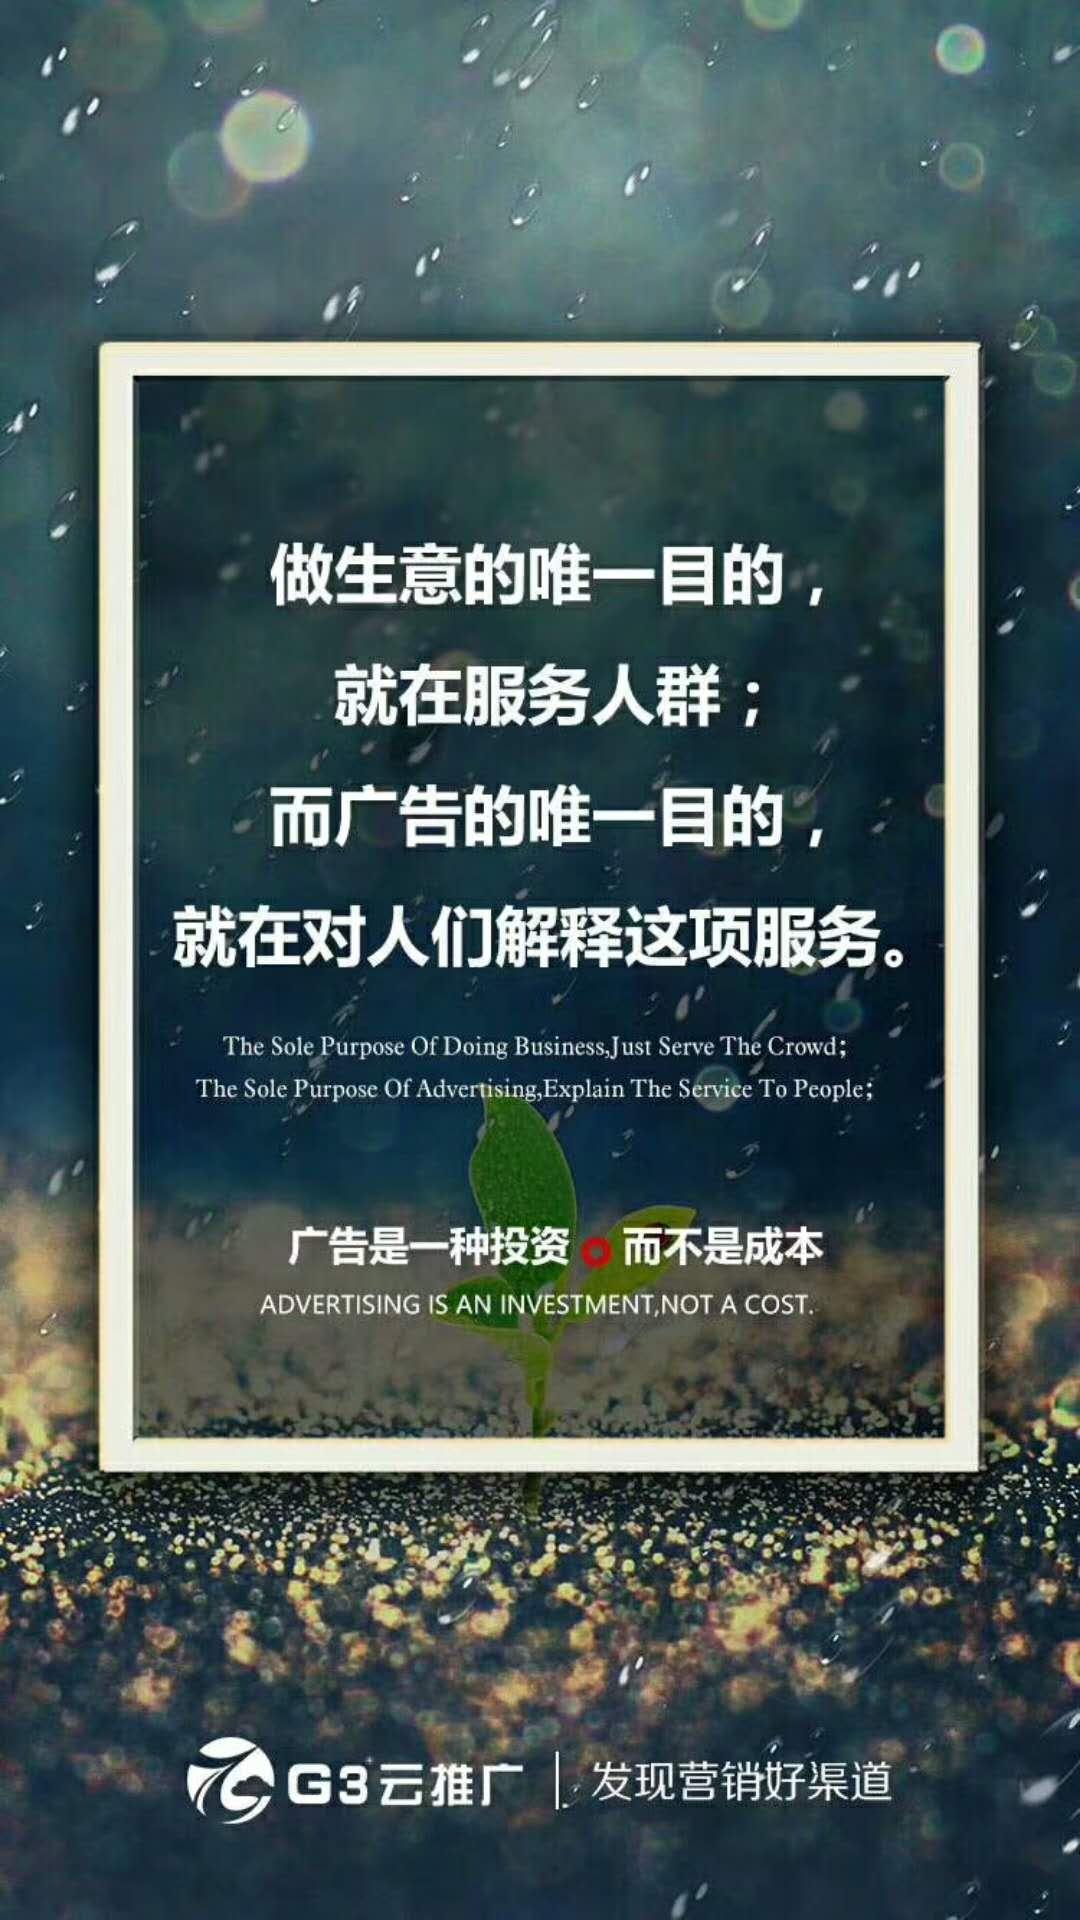 南宁g3云网络营销策划推广 关心每一个细节